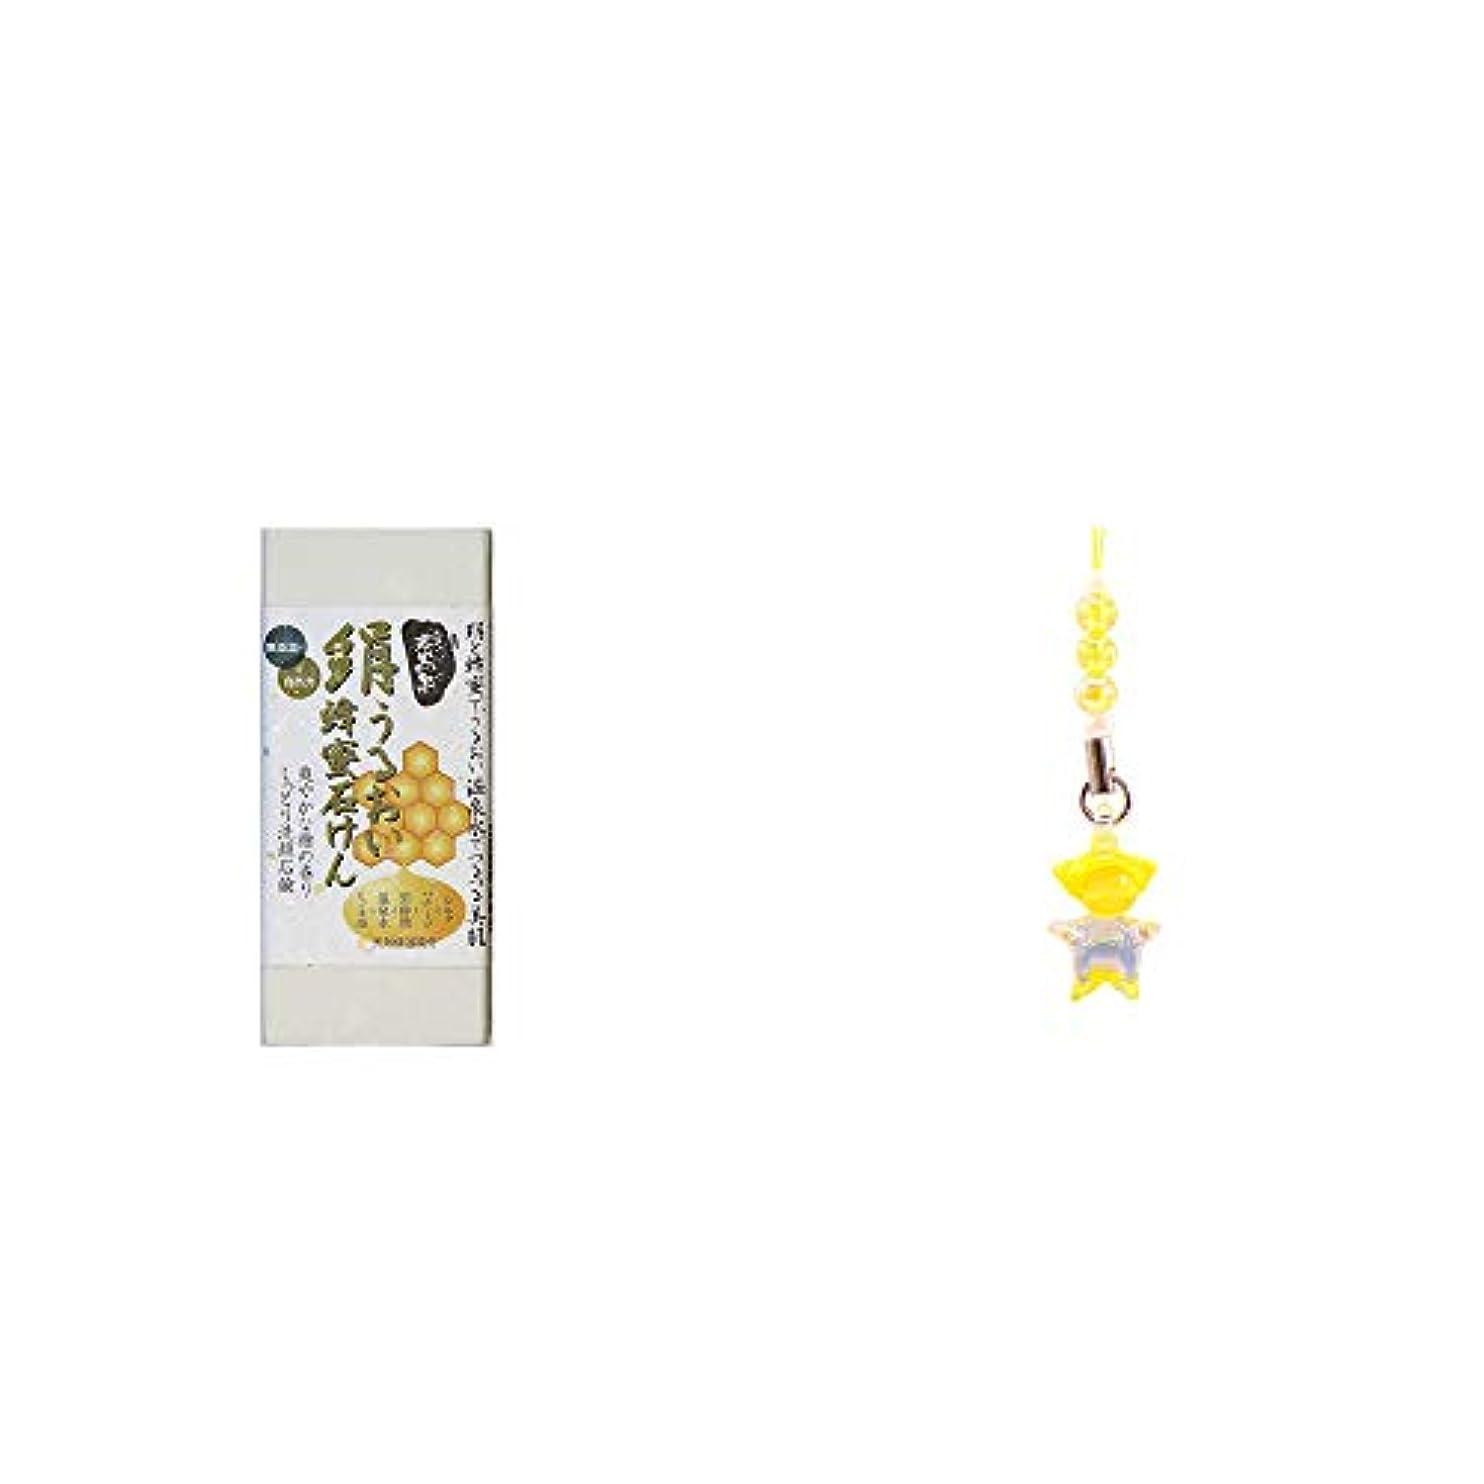 魔法退屈させる名詞[2点セット] ひのき炭黒泉 絹うるおい蜂蜜石けん(75g×2)?ガラスのさるぼぼ 手作りキーホルダー 【黄】 /金運?ギャンブル運?財運?宝くじ当選祈願//